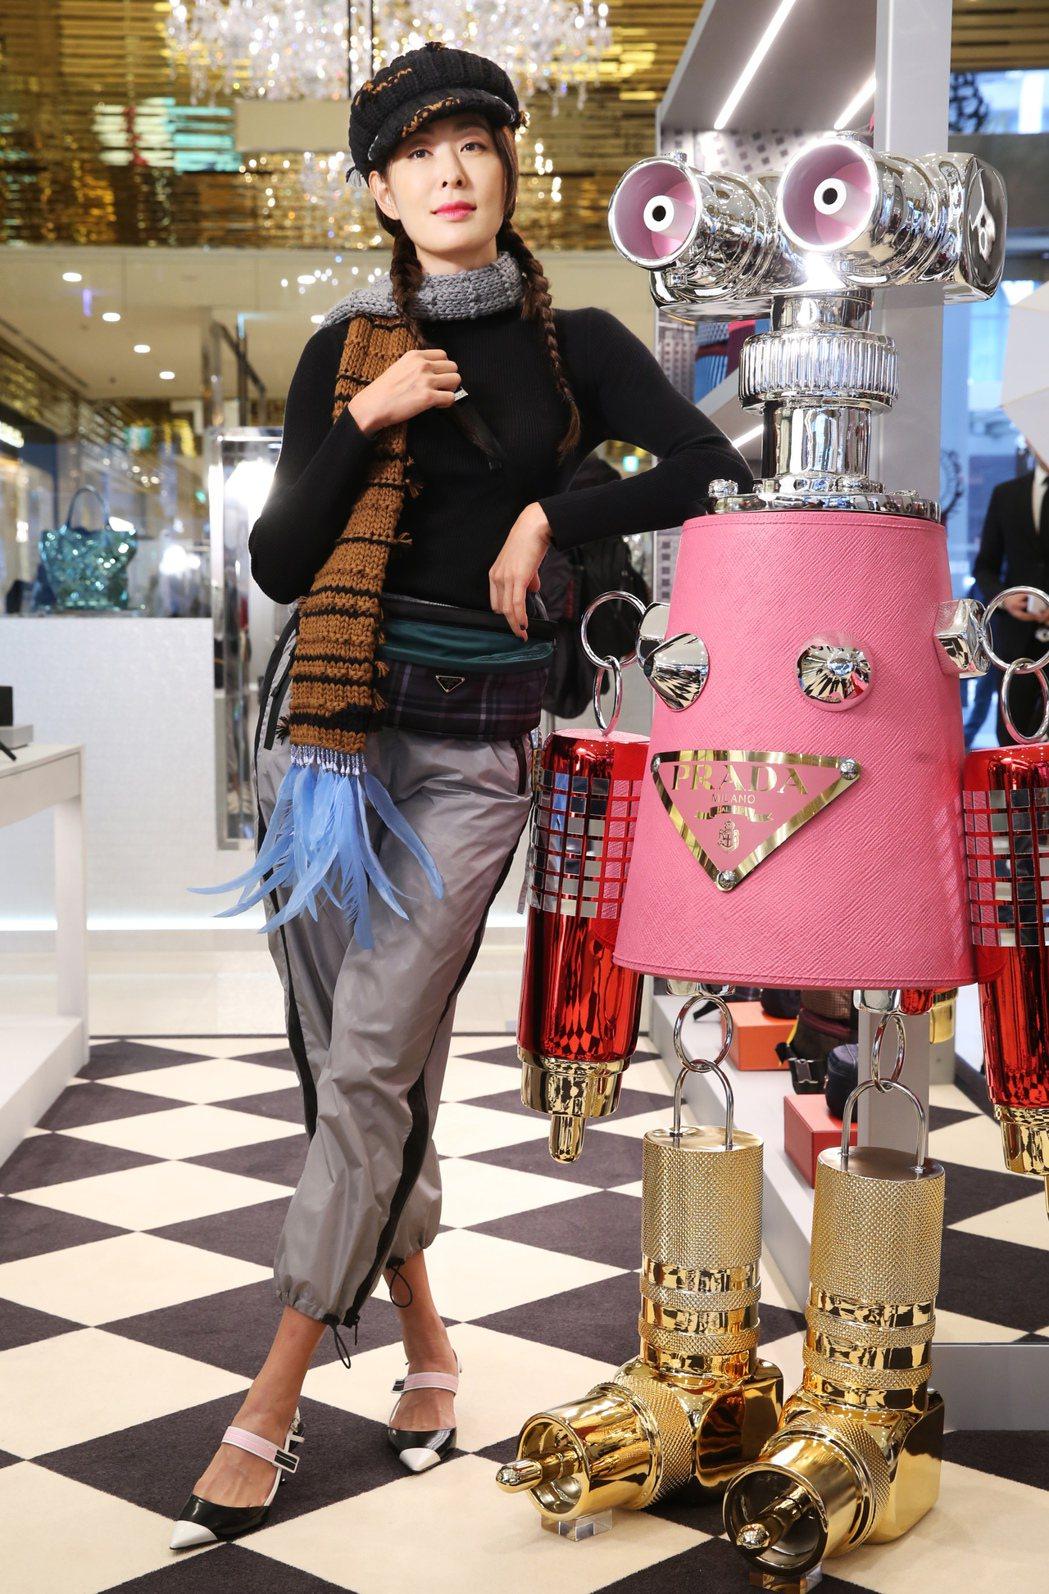 賈永婕穿PRADA黑色高領上衣、灰色尼龍休閒褲、羽毛裝飾圍巾、毛線帽、Cloud...